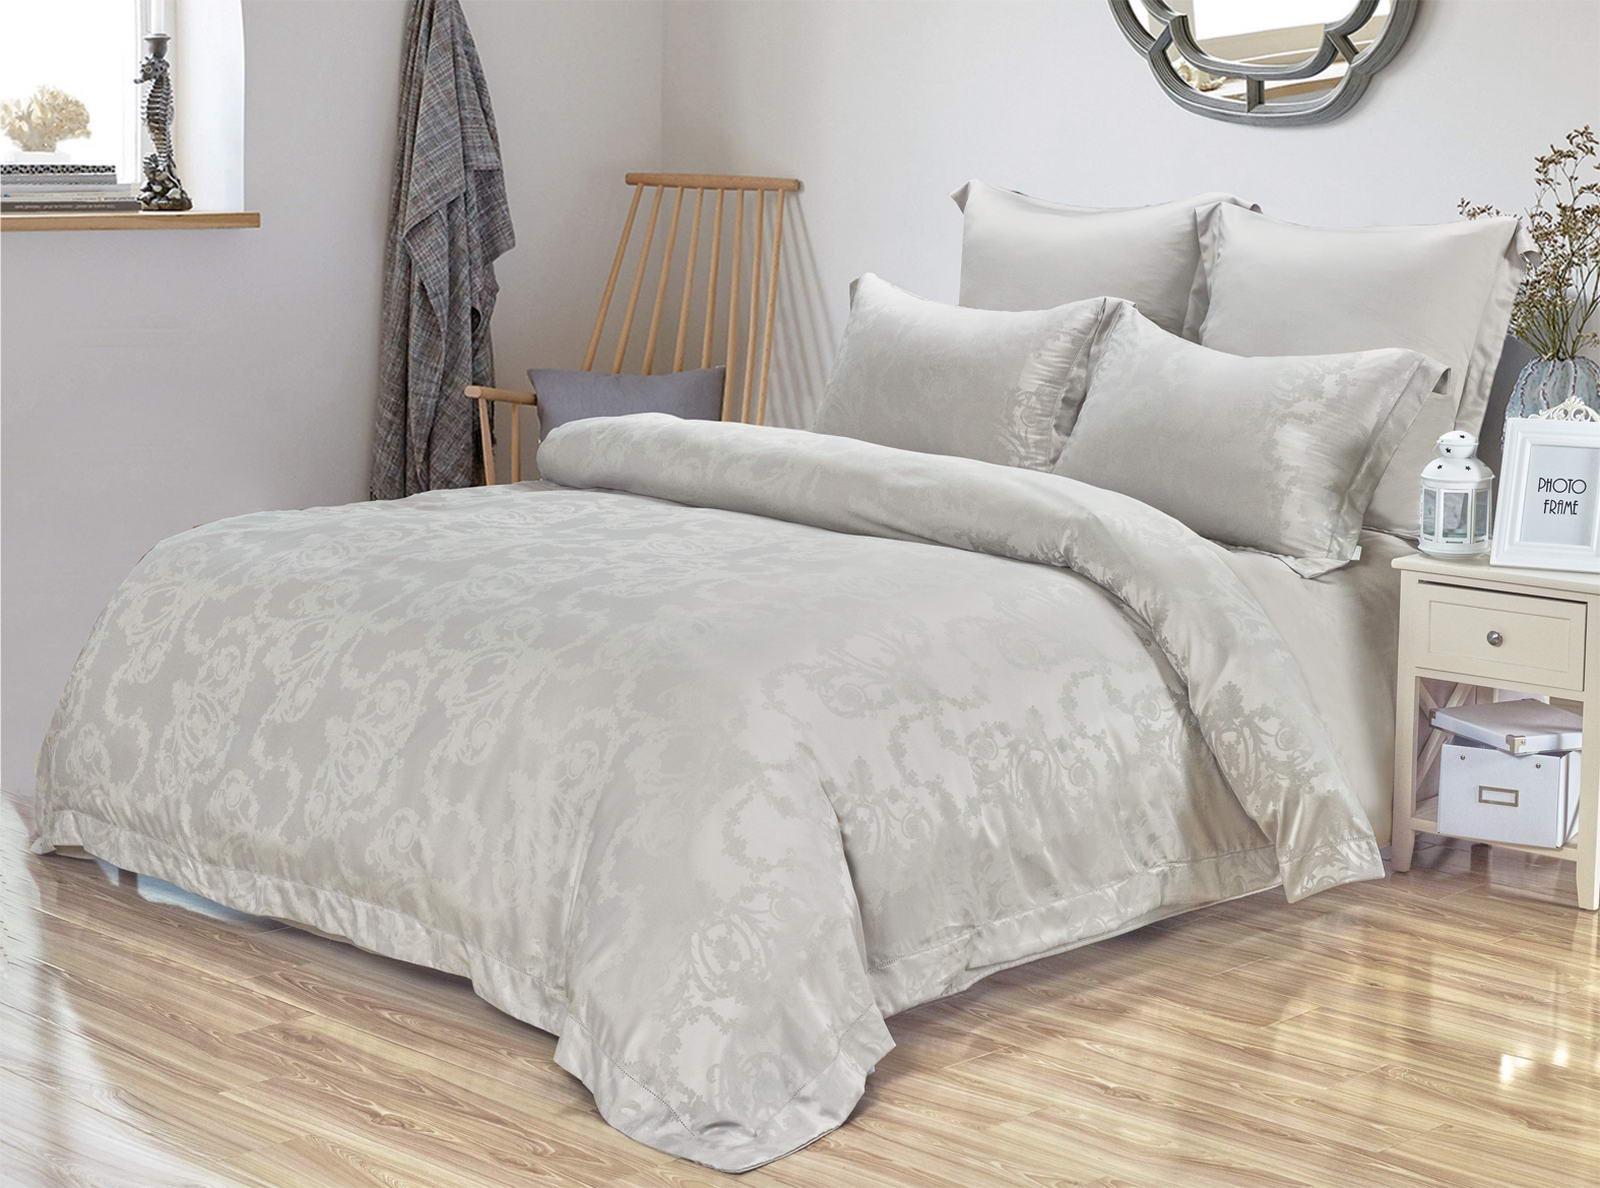 Комплект постельного белья Евро Sofi de Marko Жозетта